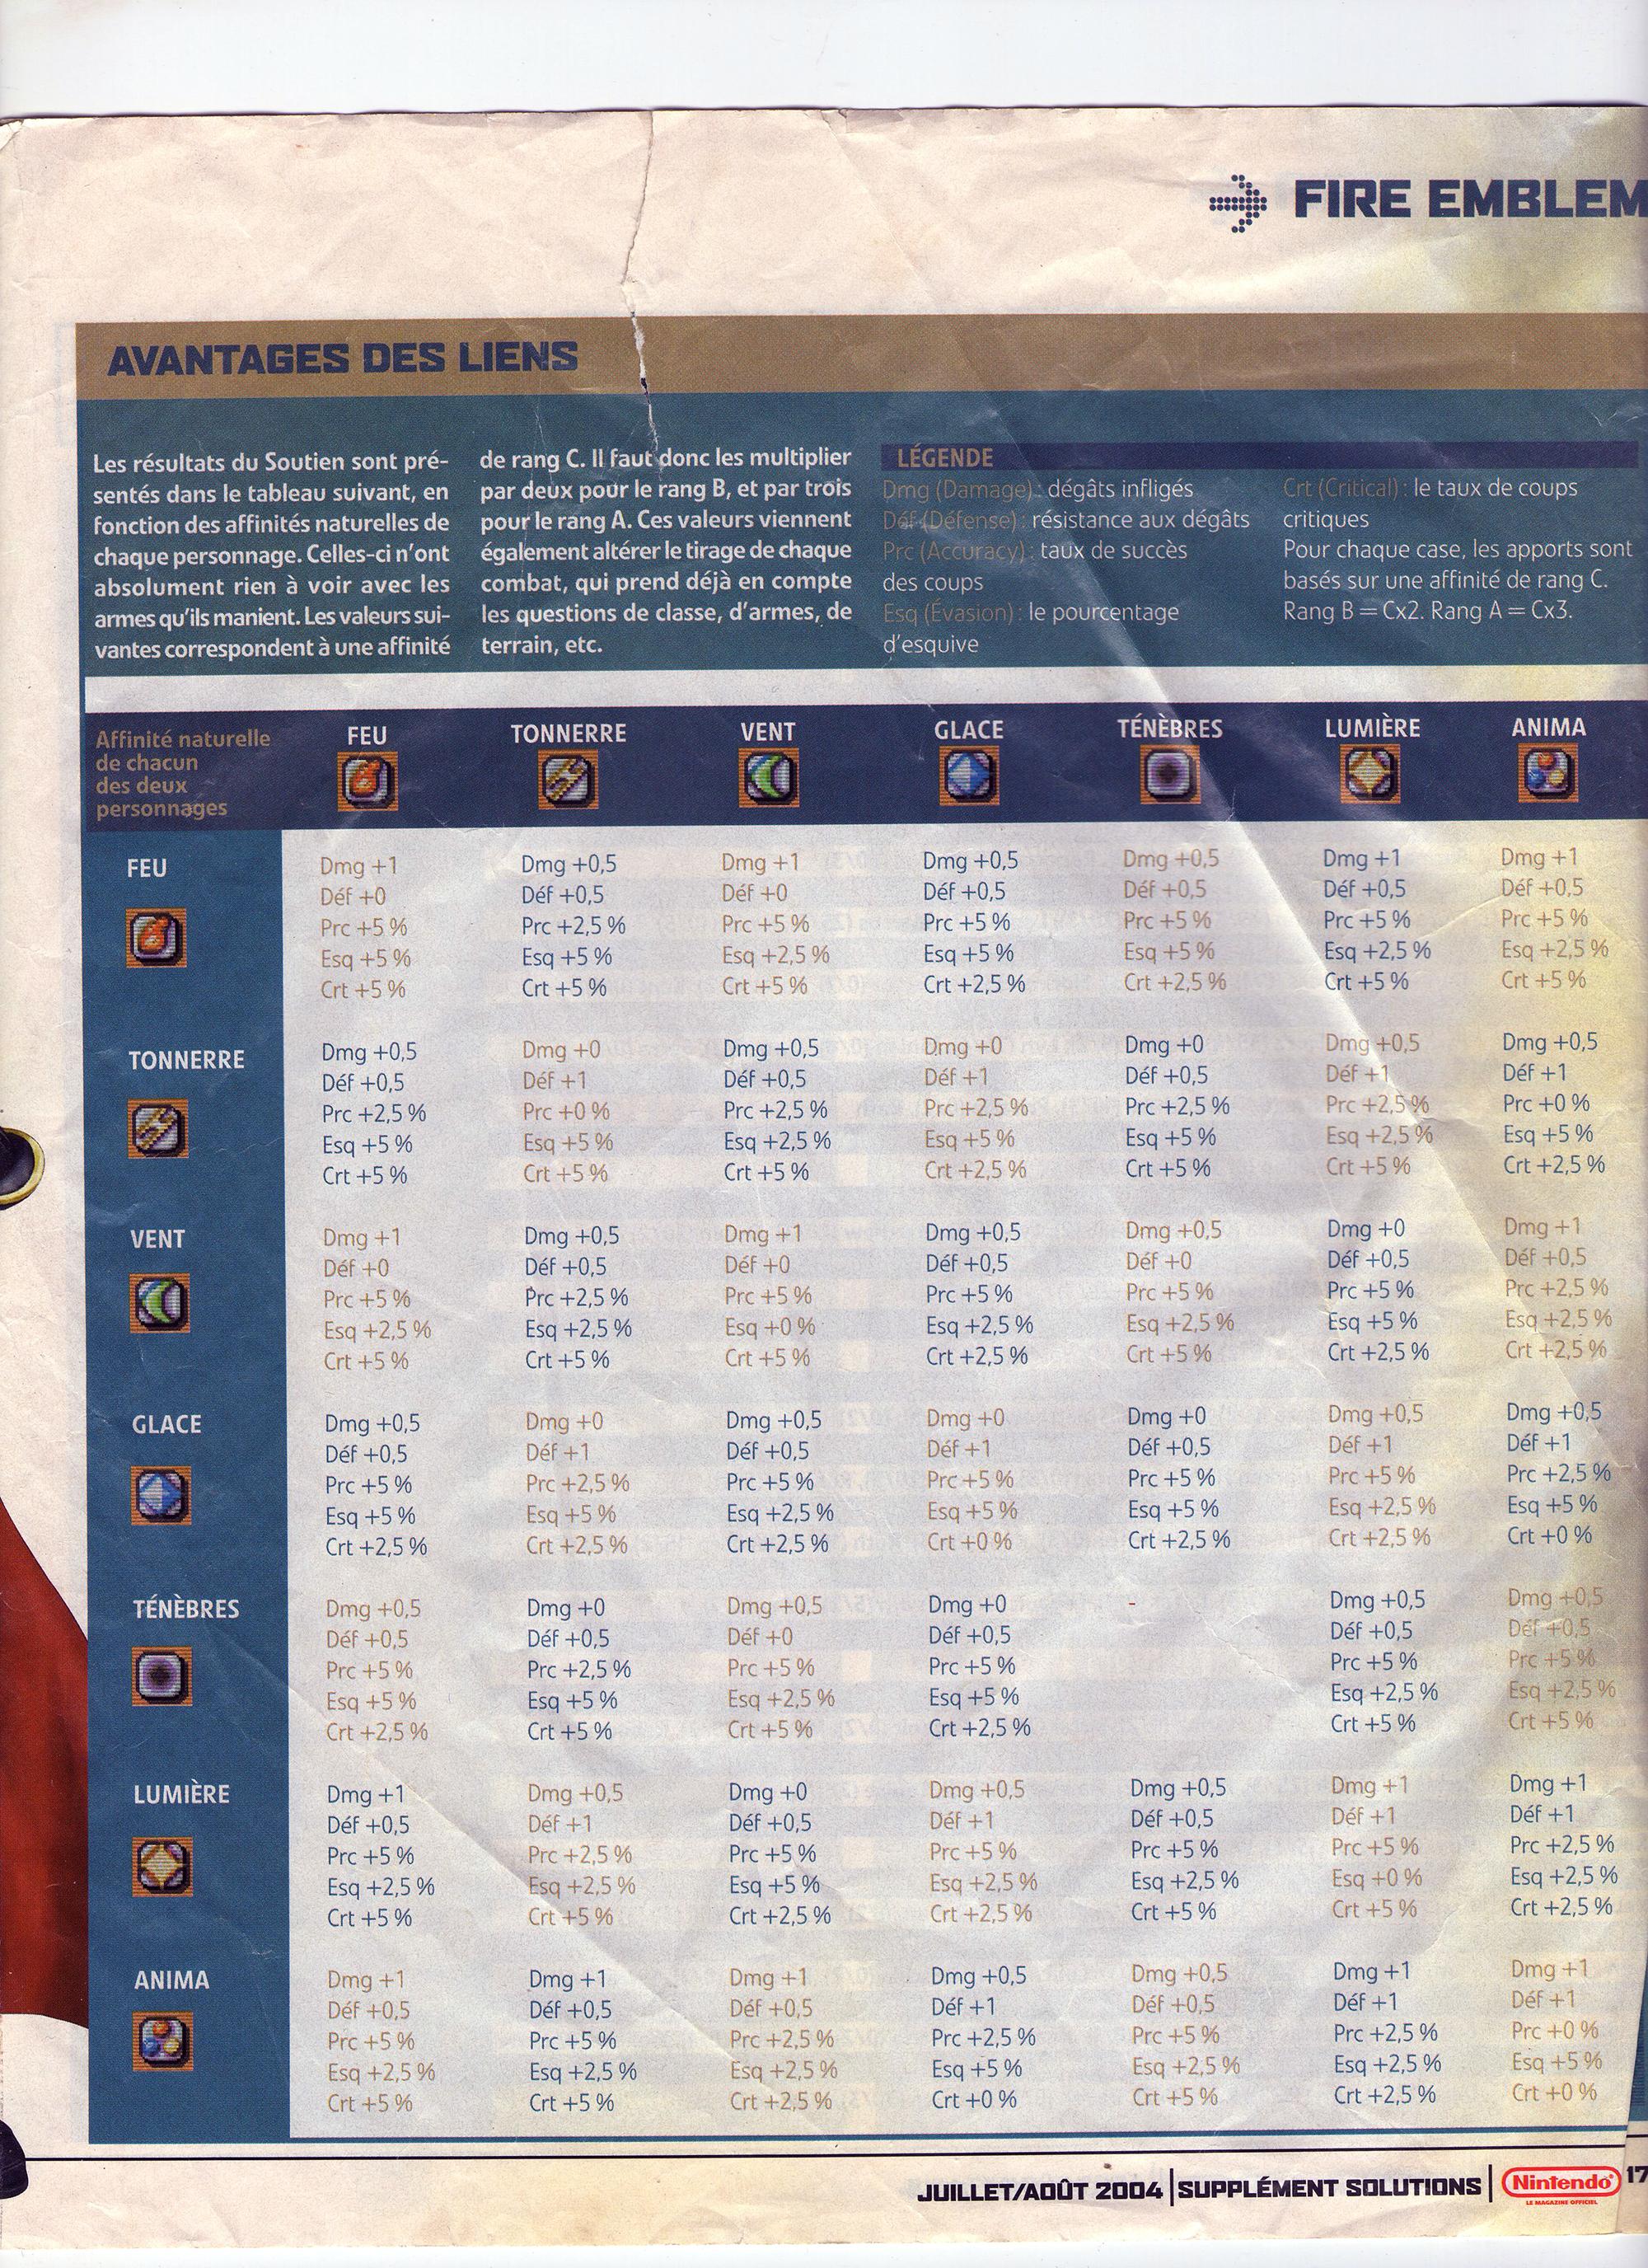 Fire emblem dans la presse papier 1448718628-nintendo-magazine-fe7-p3